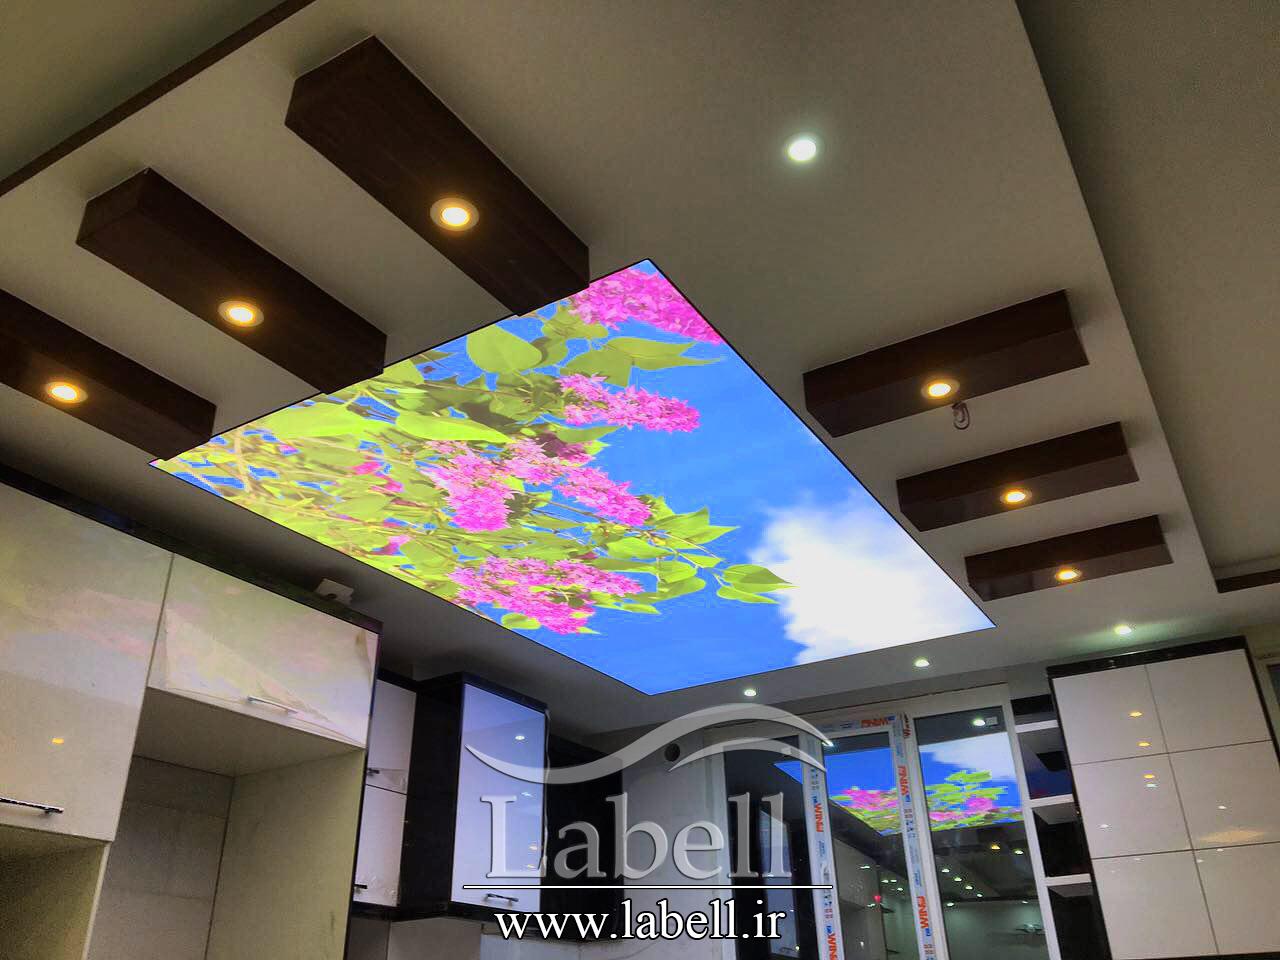 سقف کشسان چاپی، شخصی ترین نوع دکوراسیون